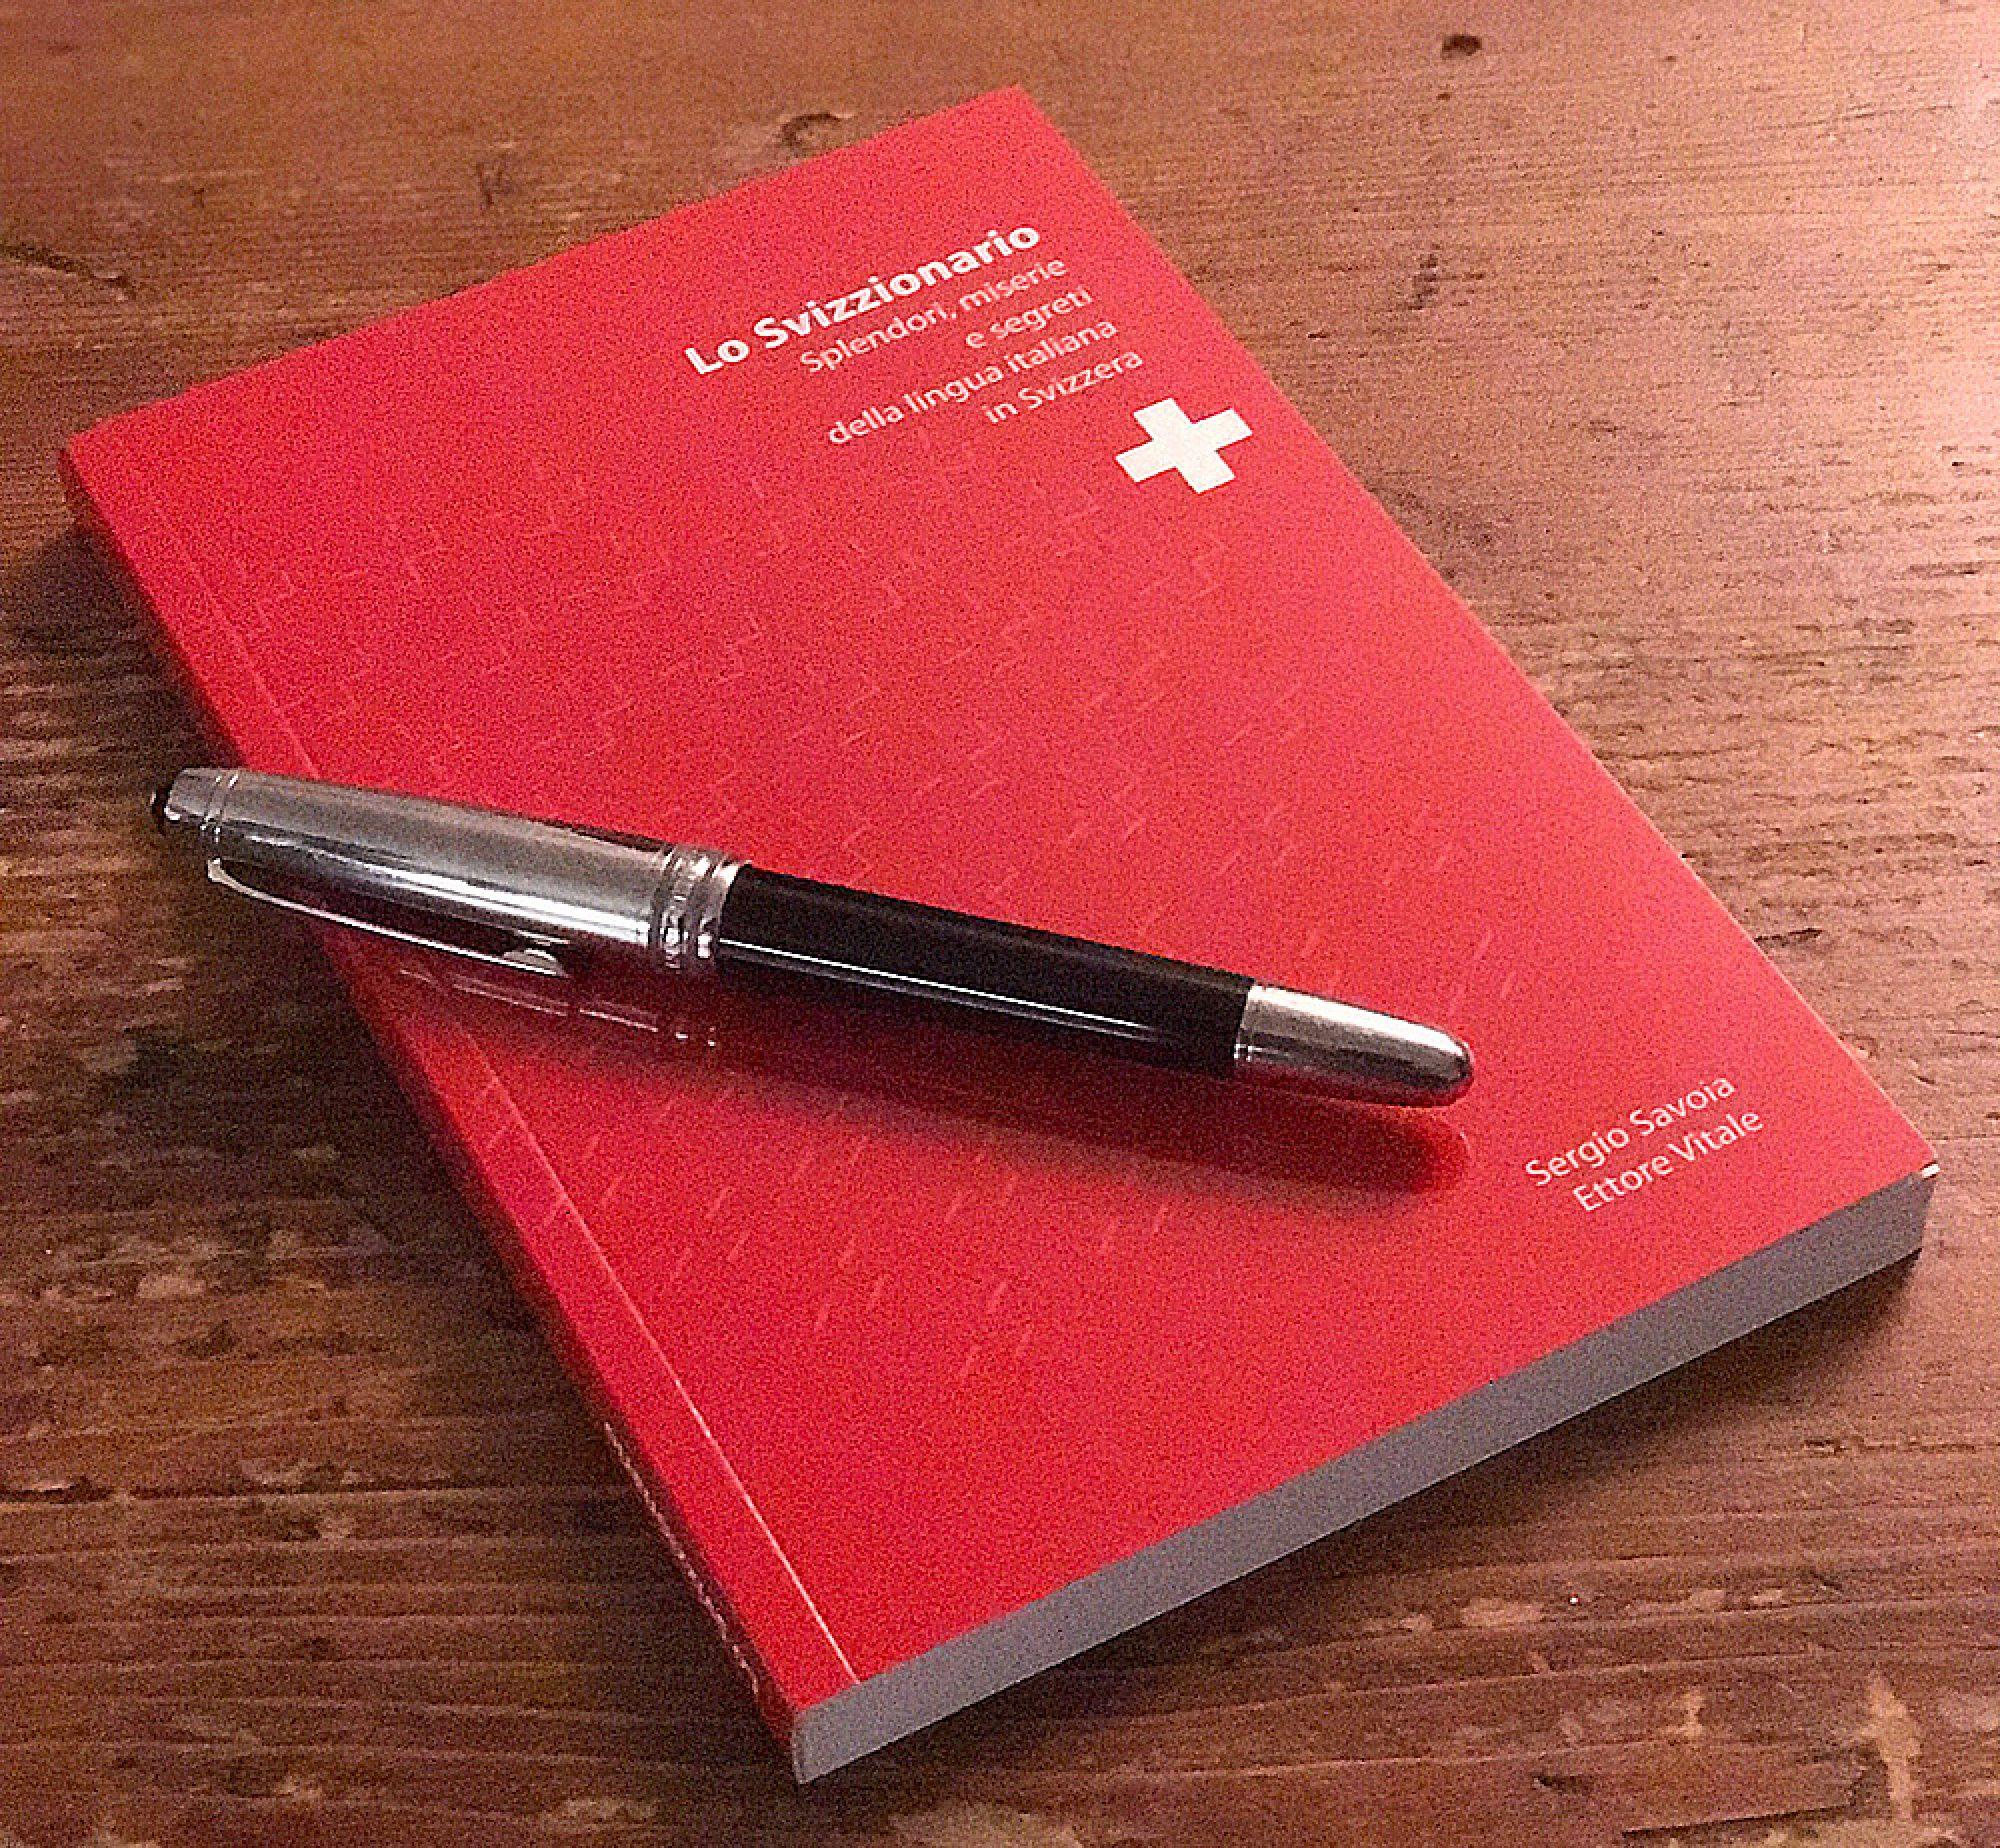 svizz - Lo Svizzionario. L'unico dizionario della lingua svizzera italiana